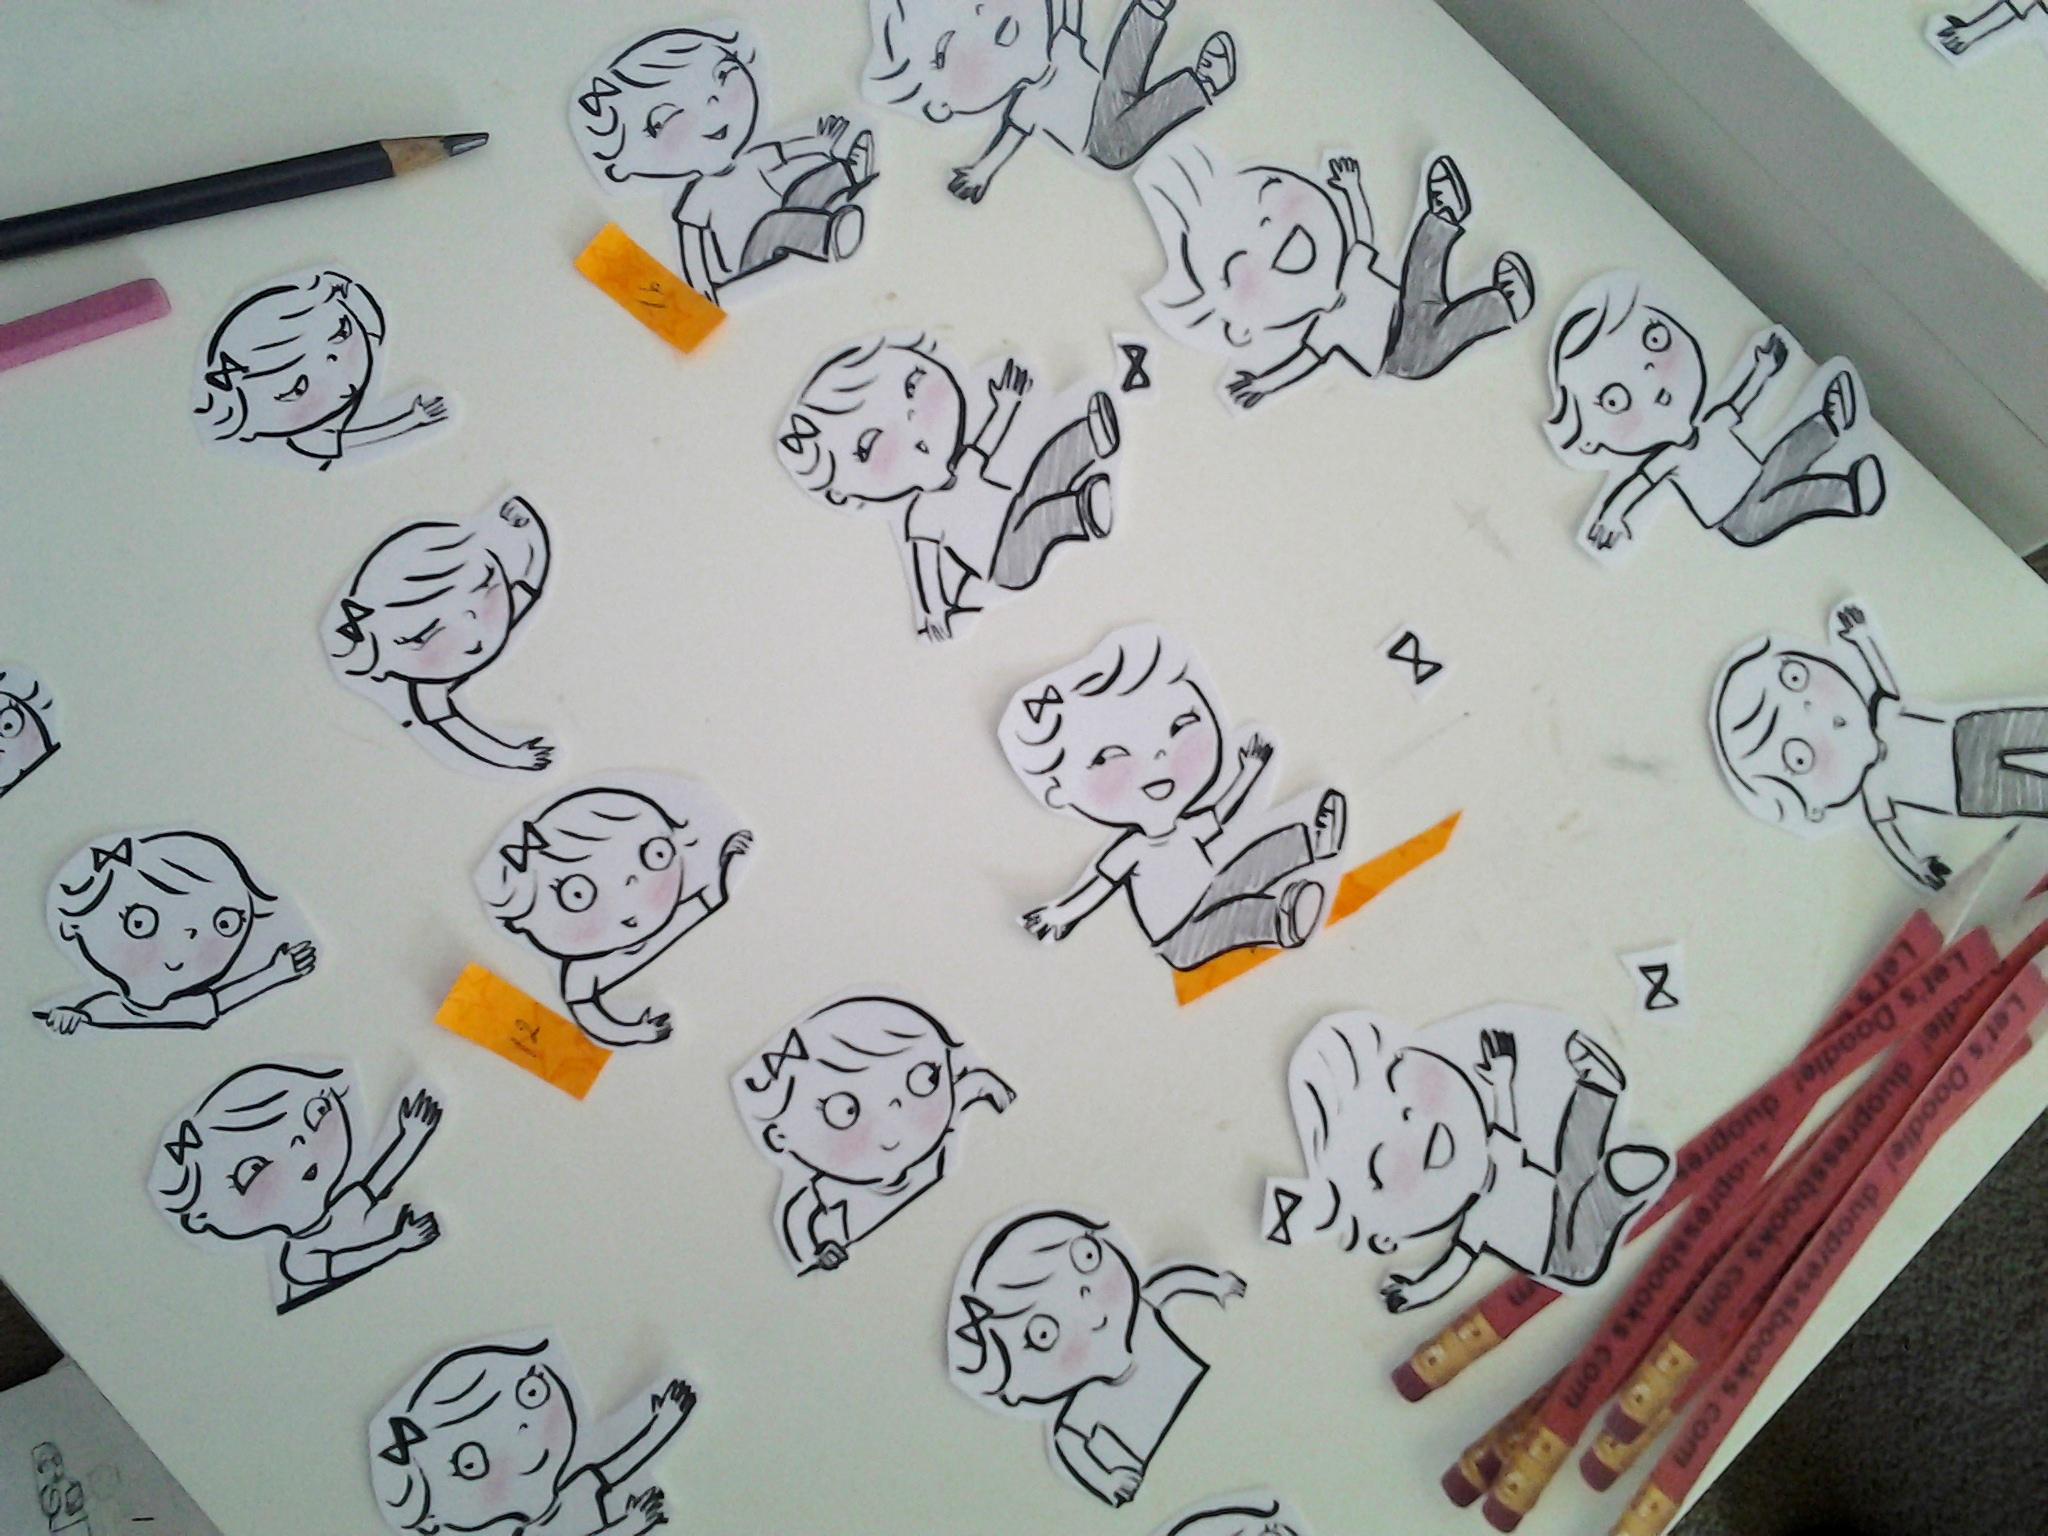 Stop Motion Animation Illustories